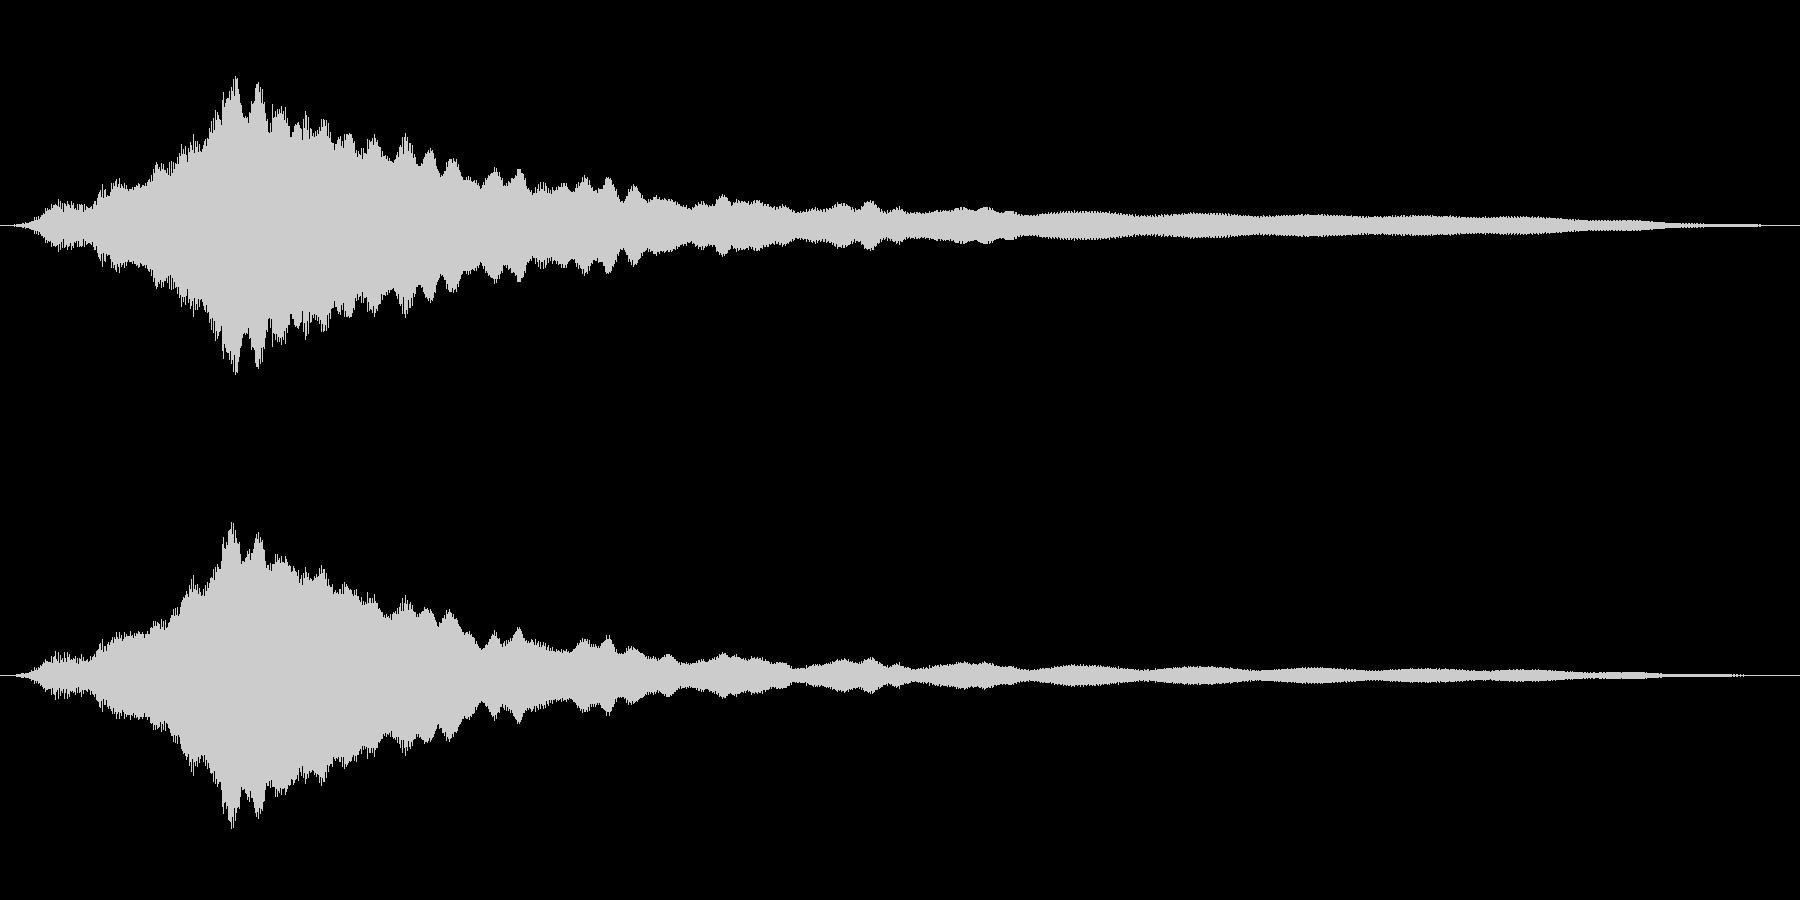 オールドライドシンボルボウCU 5の未再生の波形